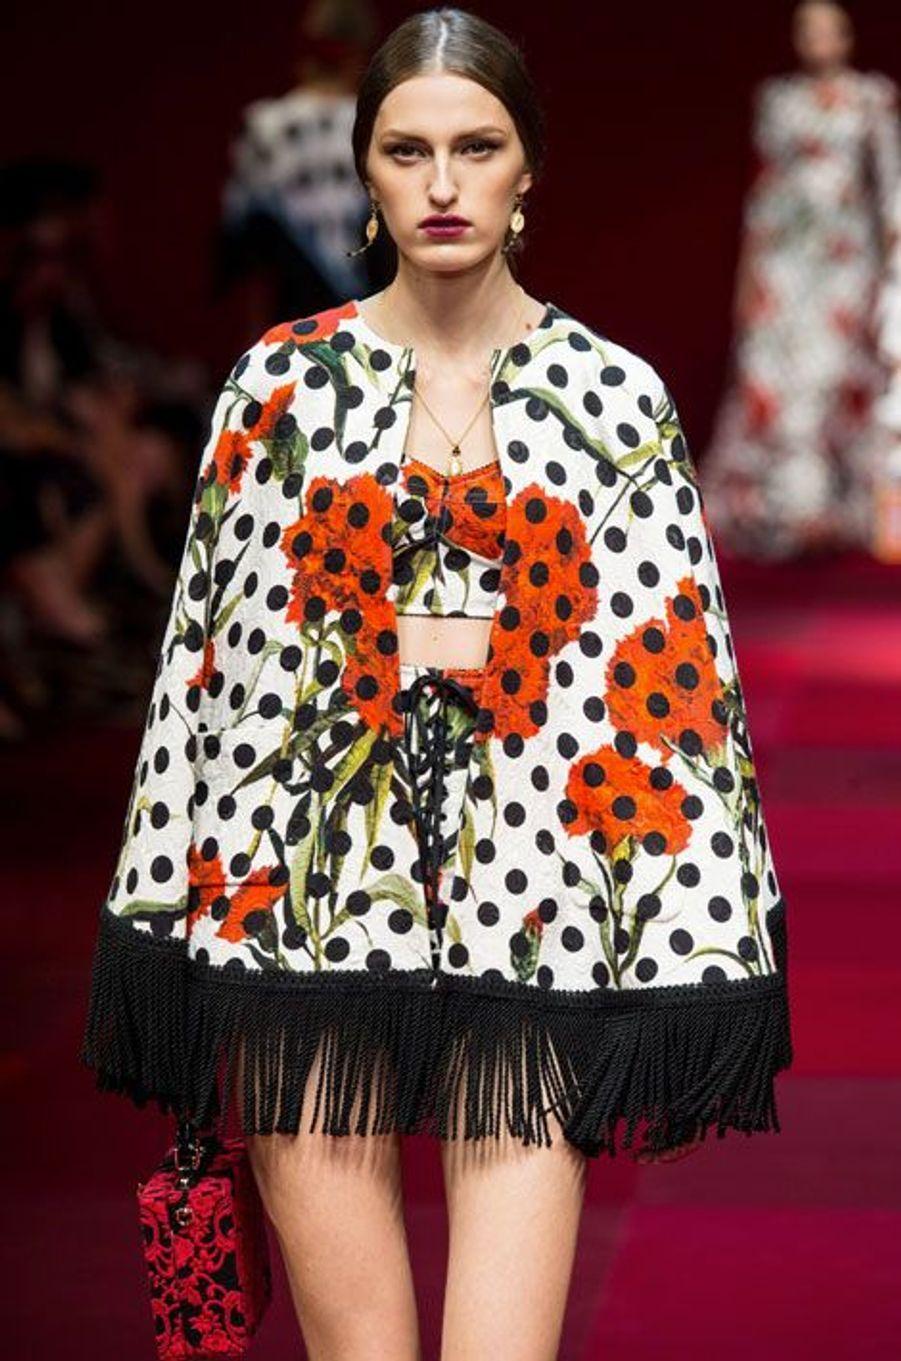 Défilé Dolce & Gabbana printemps-été 2015, à Milan, en septembre 2014